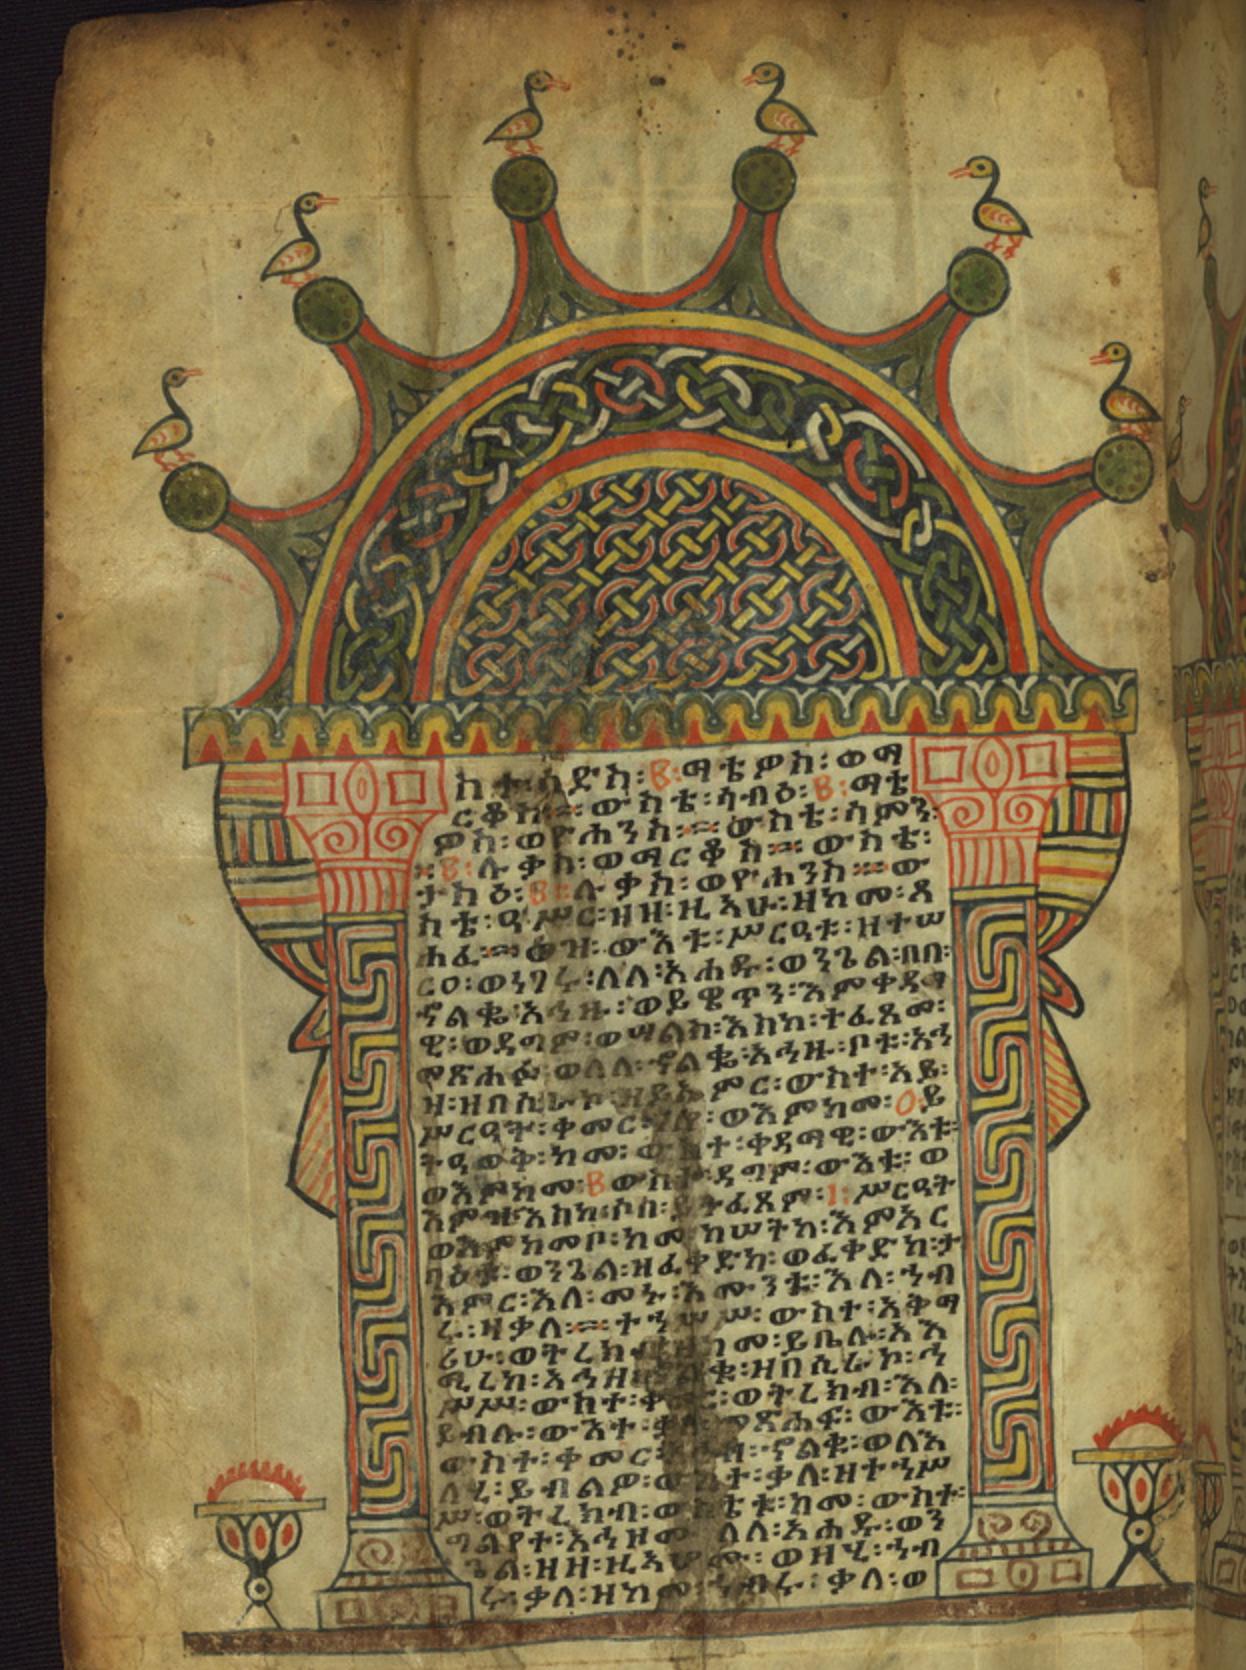 EthiopianManuscript2.PNG